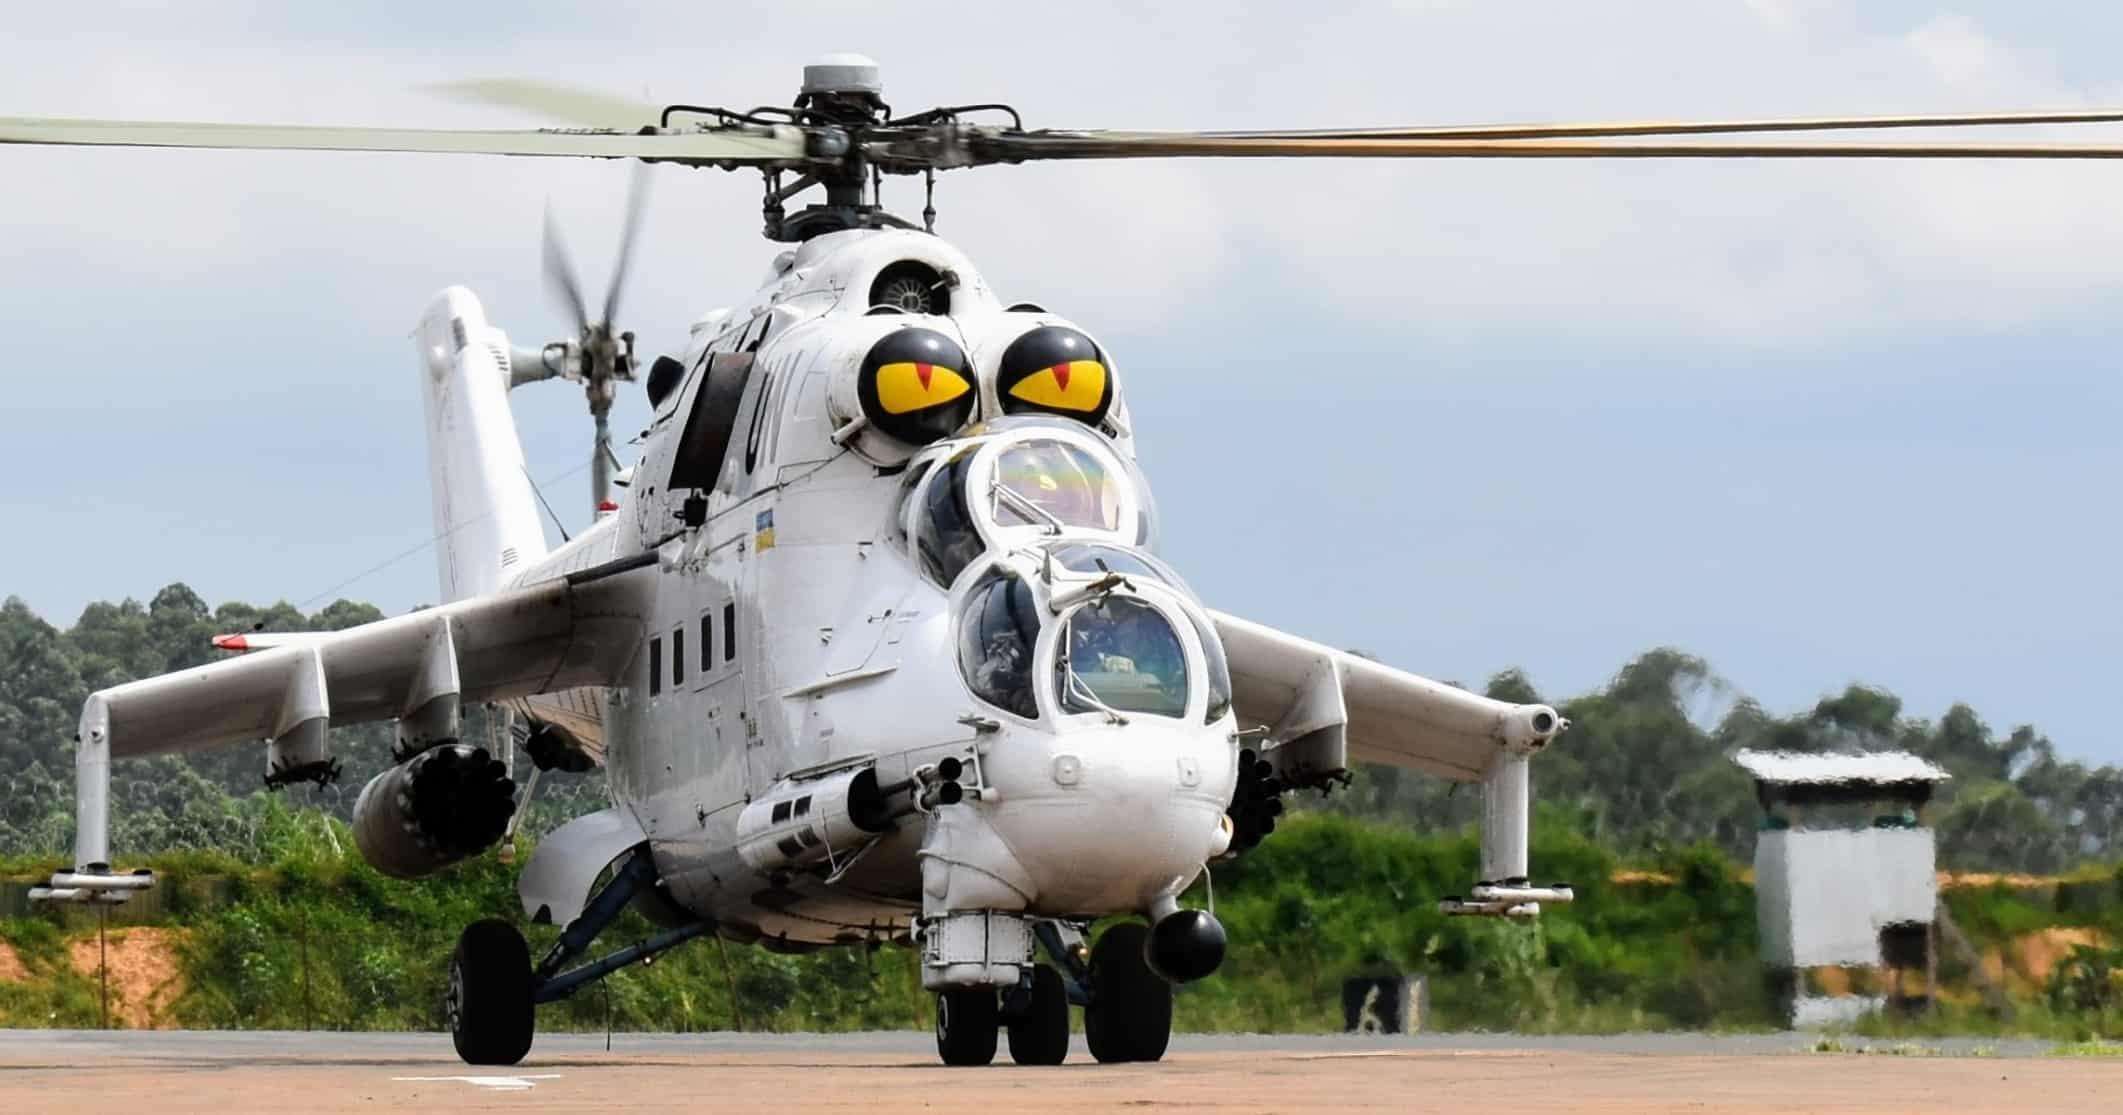 Мі-24 18-го окремого вертолітного загону